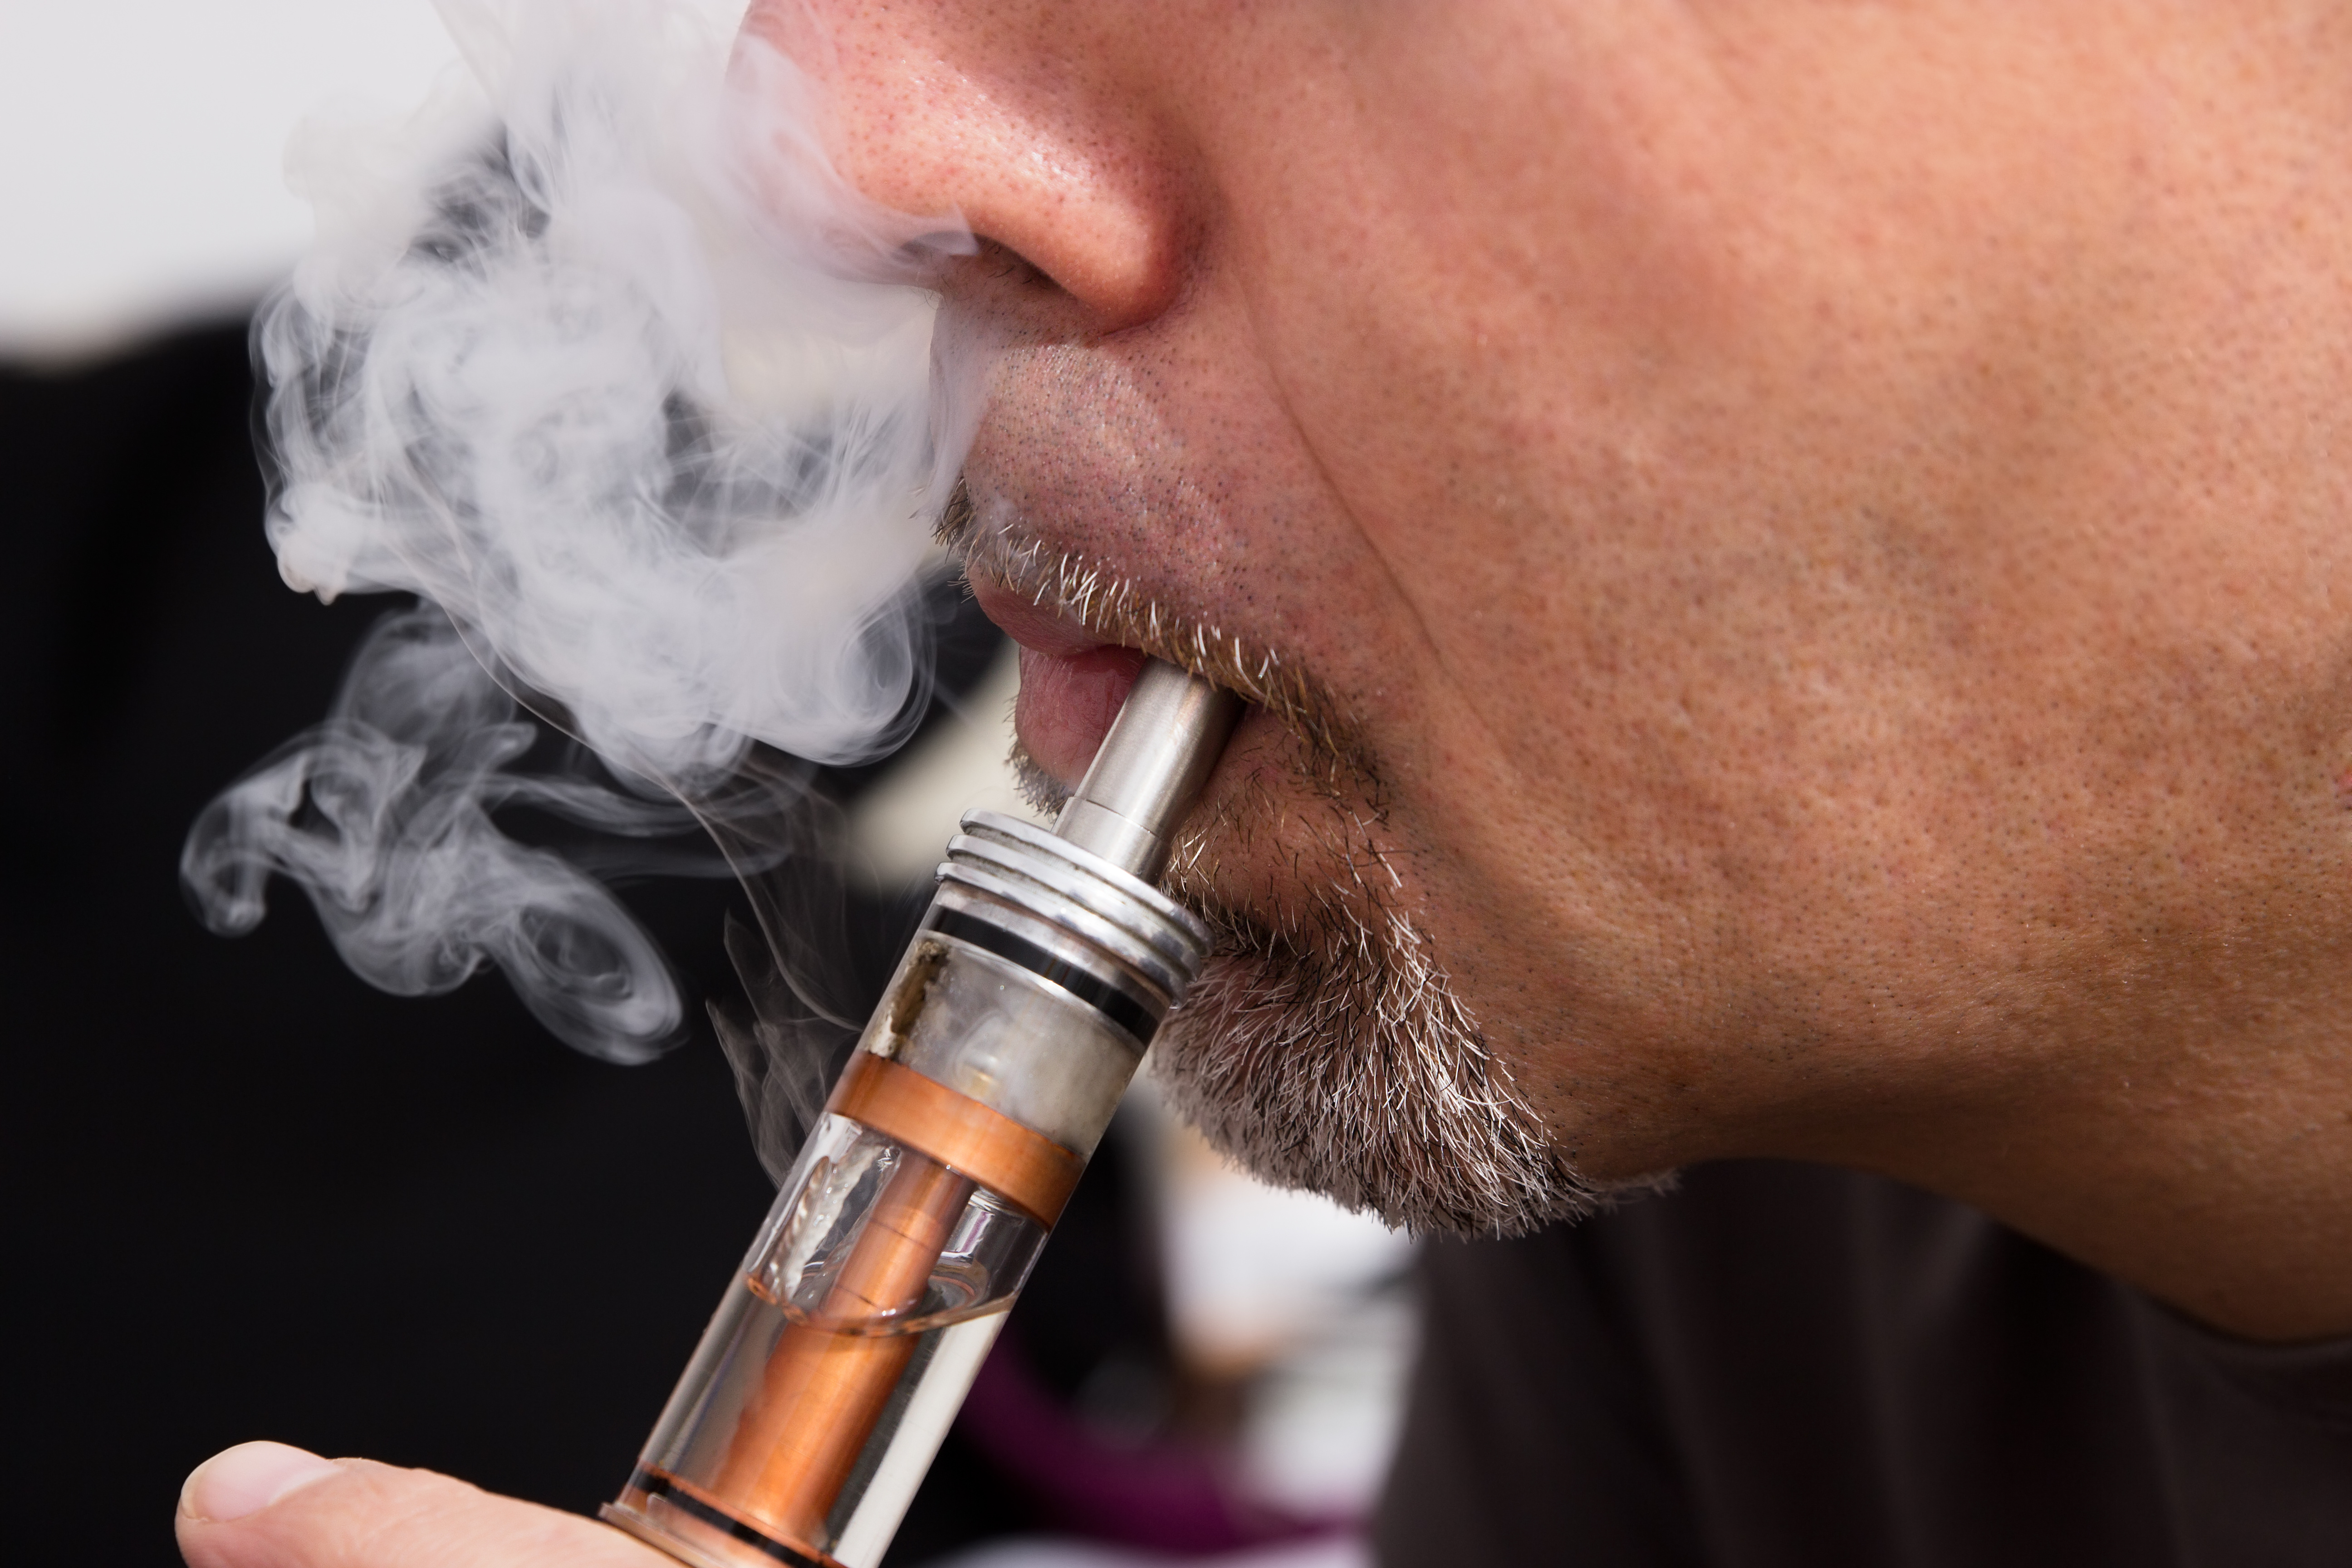 Galileo berichtet über BMJ-Studie: E-Zigaretten könnten Millionen Leben retten